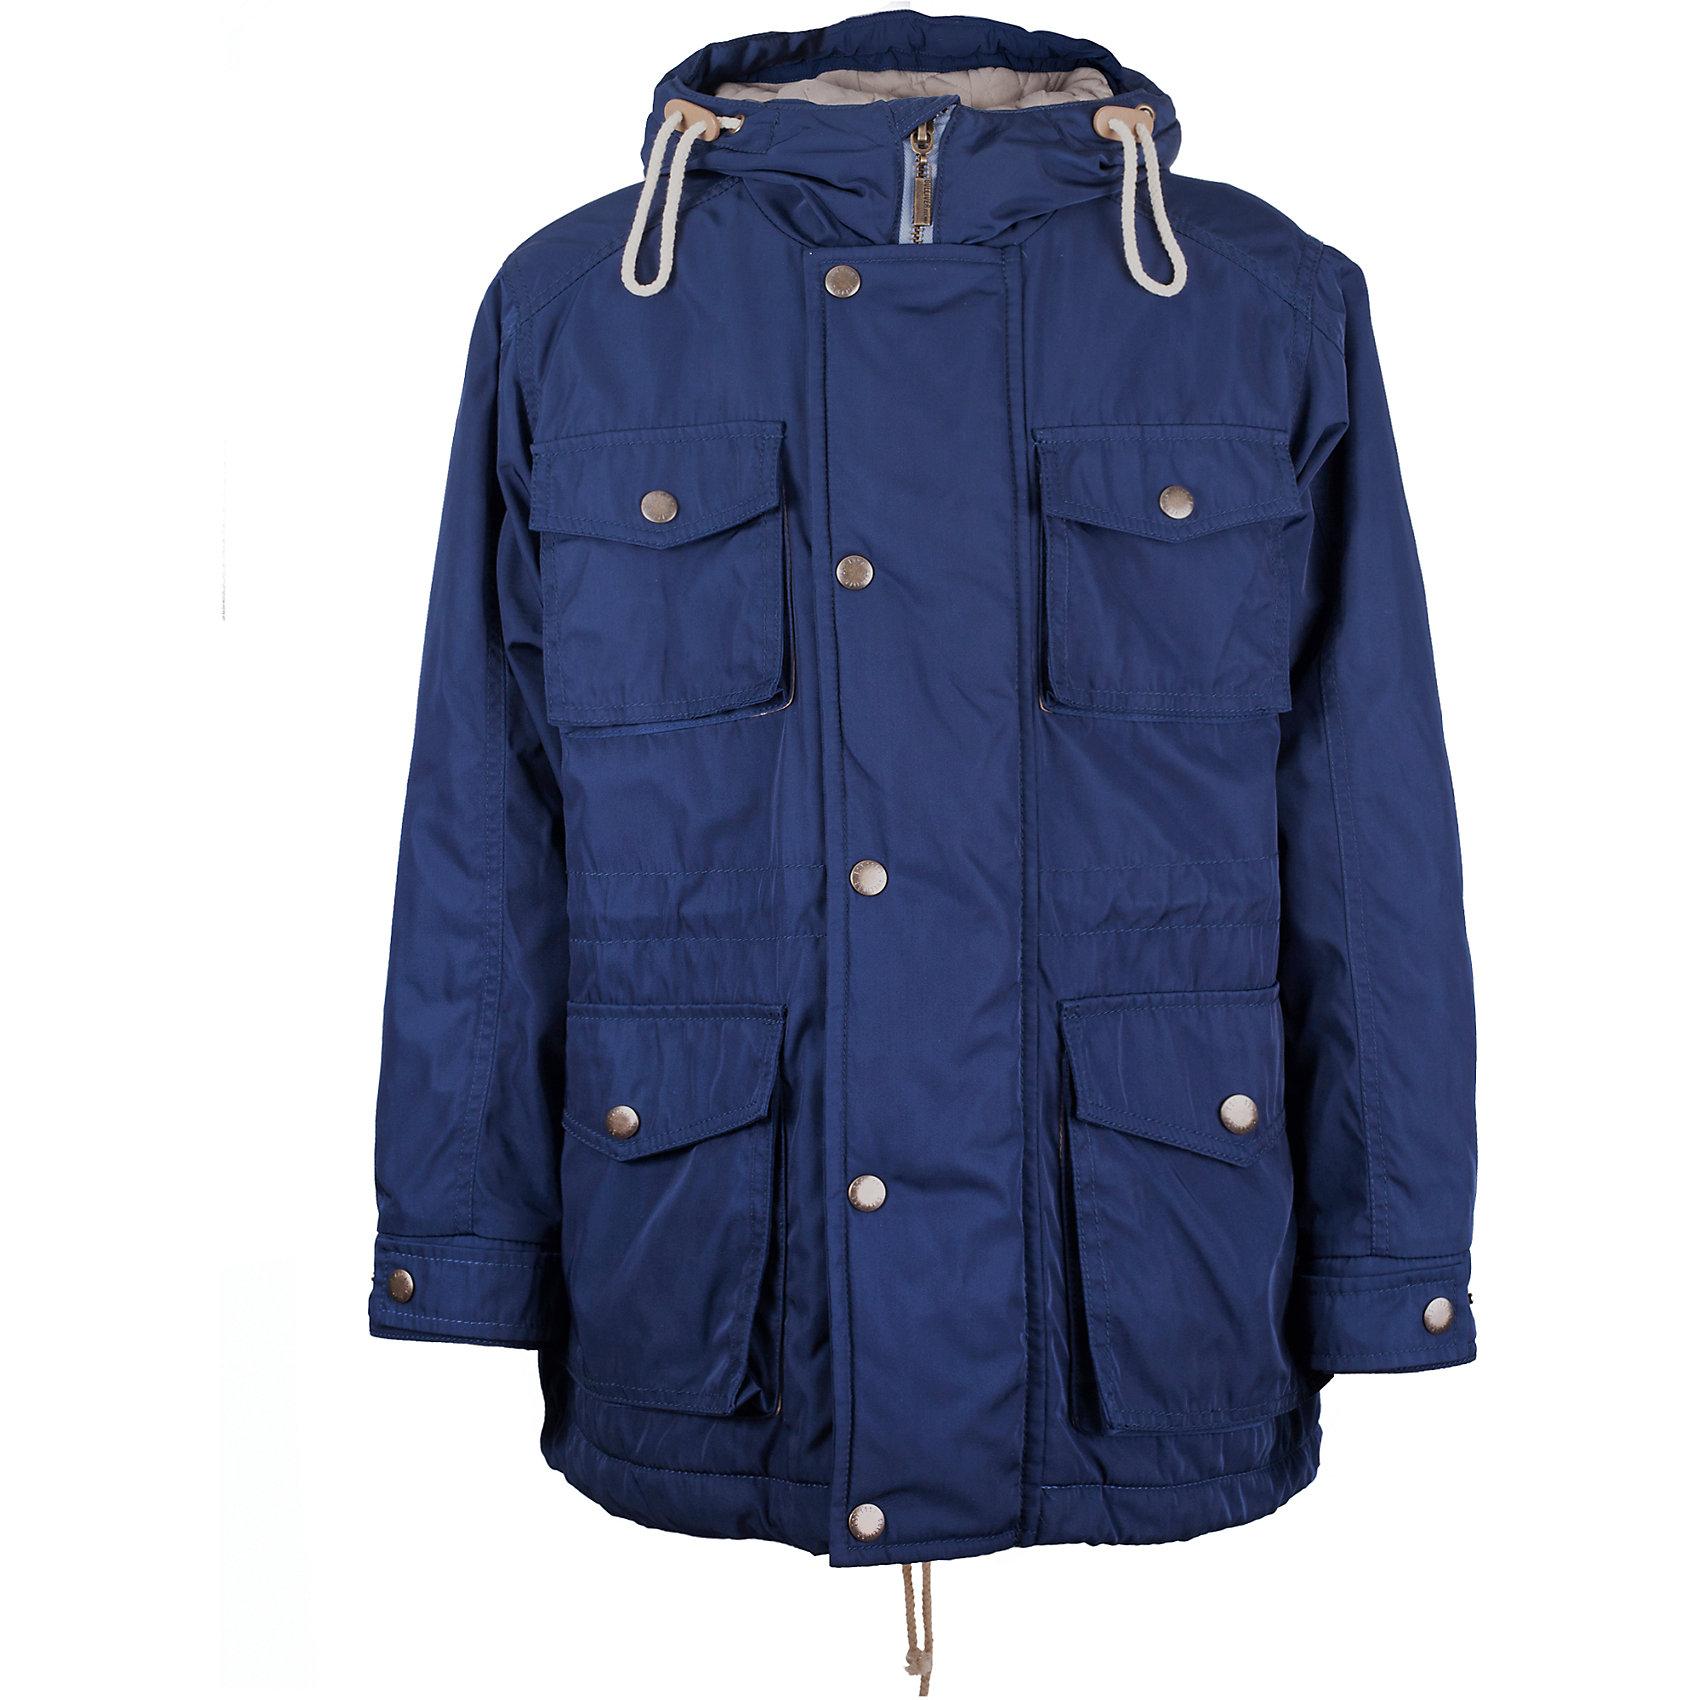 Куртка для мальчика GulliverВерхняя одежда<br>Куртка-парка - бесспорный хит сезона Весна/Лето 2017! Выполненная в лучших традициях стиля casual, синяя парка  -  прекрасный образец модной утепленной куртки для мальчика-подростка. Объемные карманы с клапанами, налокотники, функциональные детали, стильная брендированная фурнитура делают эту куртку ярким, заметным, энергичным элементом коллекции. Вы хотите купить стильную практичную куртку для мальчика-подростка? Синяя куртка-парка даже лучше, чем вы ожидаете!<br>Состав:<br>верх:  100% полиэстер; подкладка: 50% хлопок 50% полиэстер; утеплитель: 100% полиэстер<br><br>Ширина мм: 356<br>Глубина мм: 10<br>Высота мм: 245<br>Вес г: 519<br>Цвет: синий<br>Возраст от месяцев: 120<br>Возраст до месяцев: 132<br>Пол: Мужской<br>Возраст: Детский<br>Размер: 164,152,158,146<br>SKU: 5483216